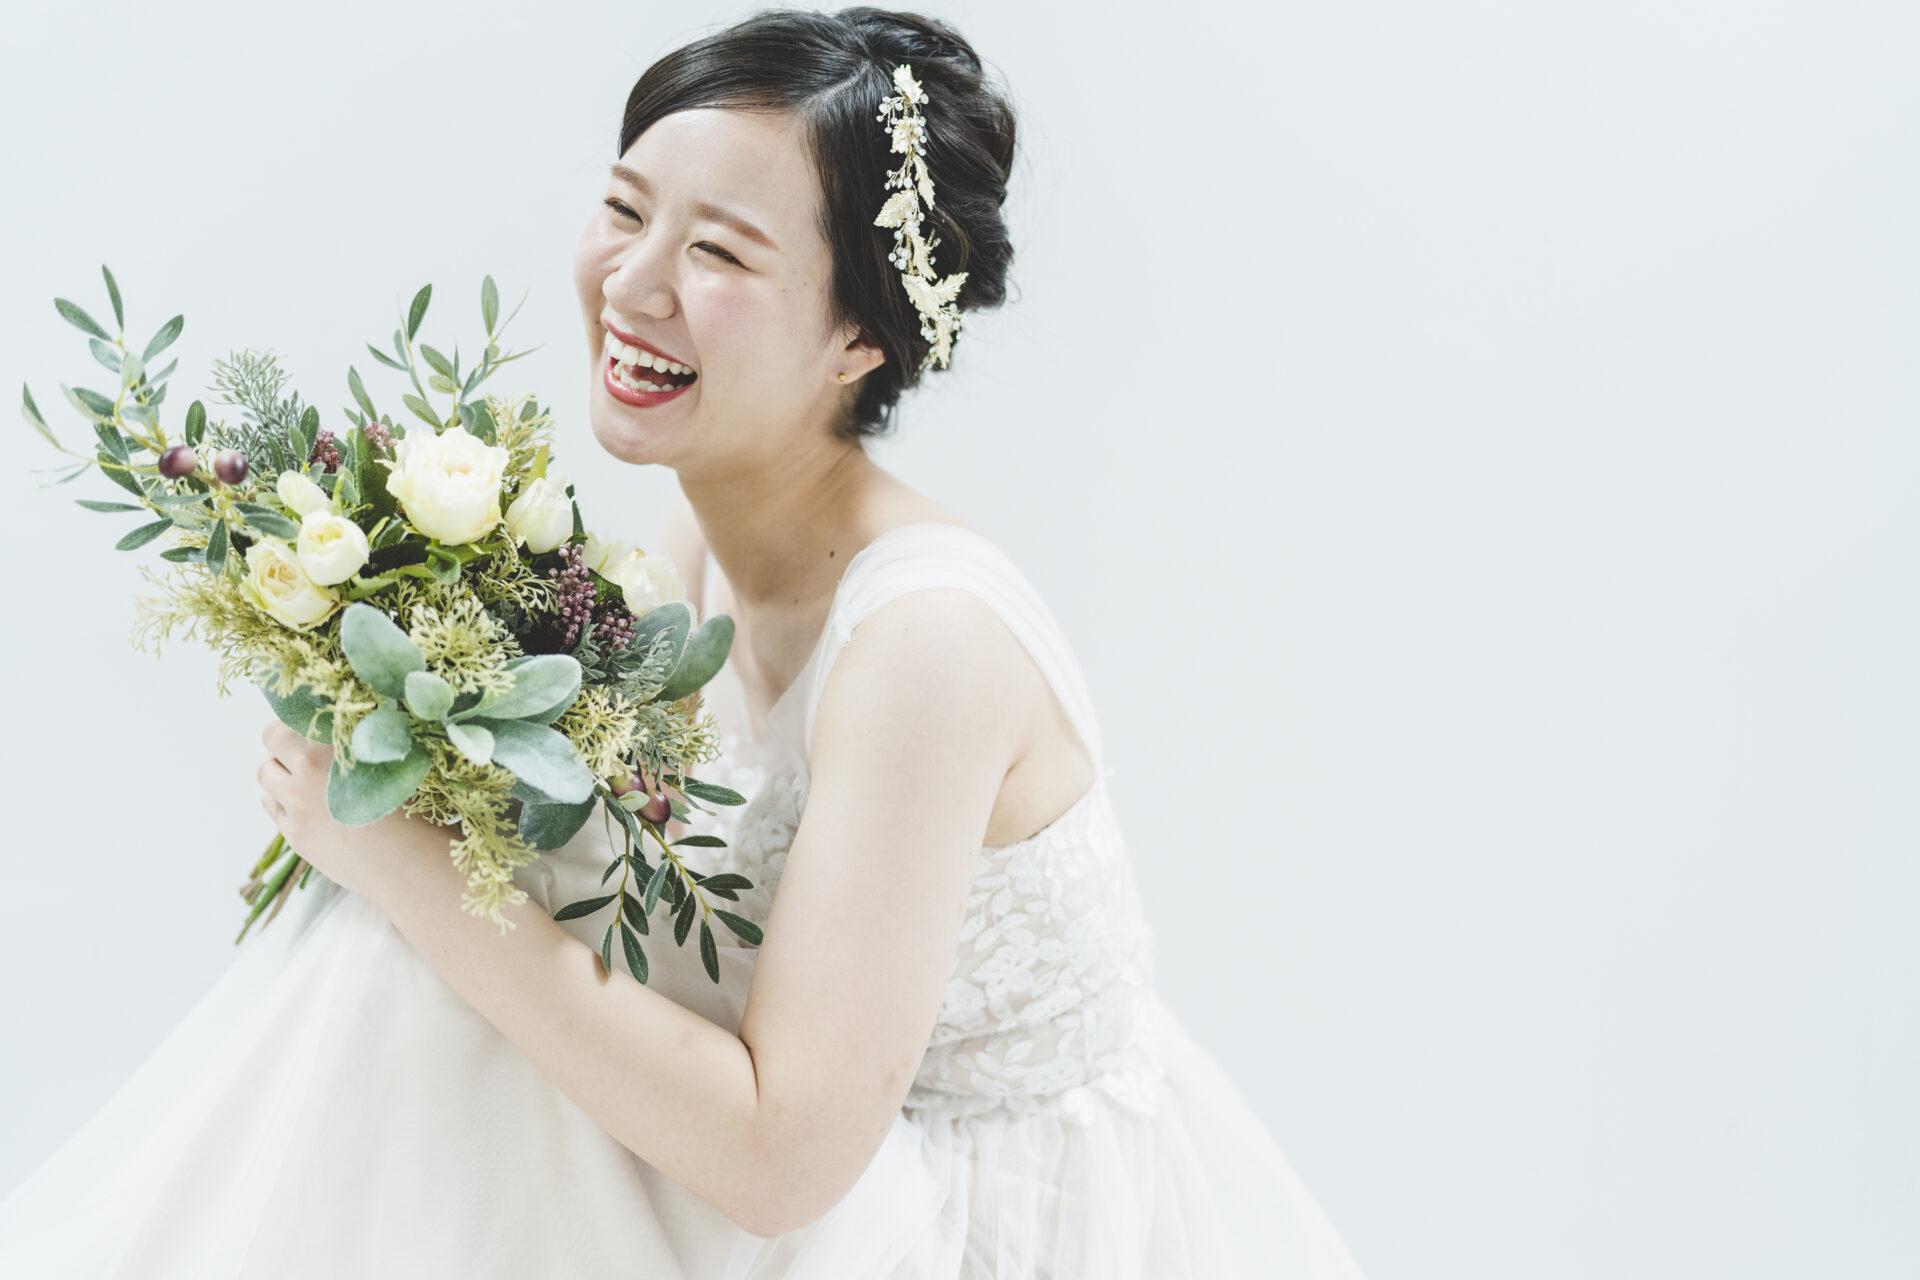 指輪を買う前に!絶対に知っておきたい、結婚に向いている女性の特徴4選!